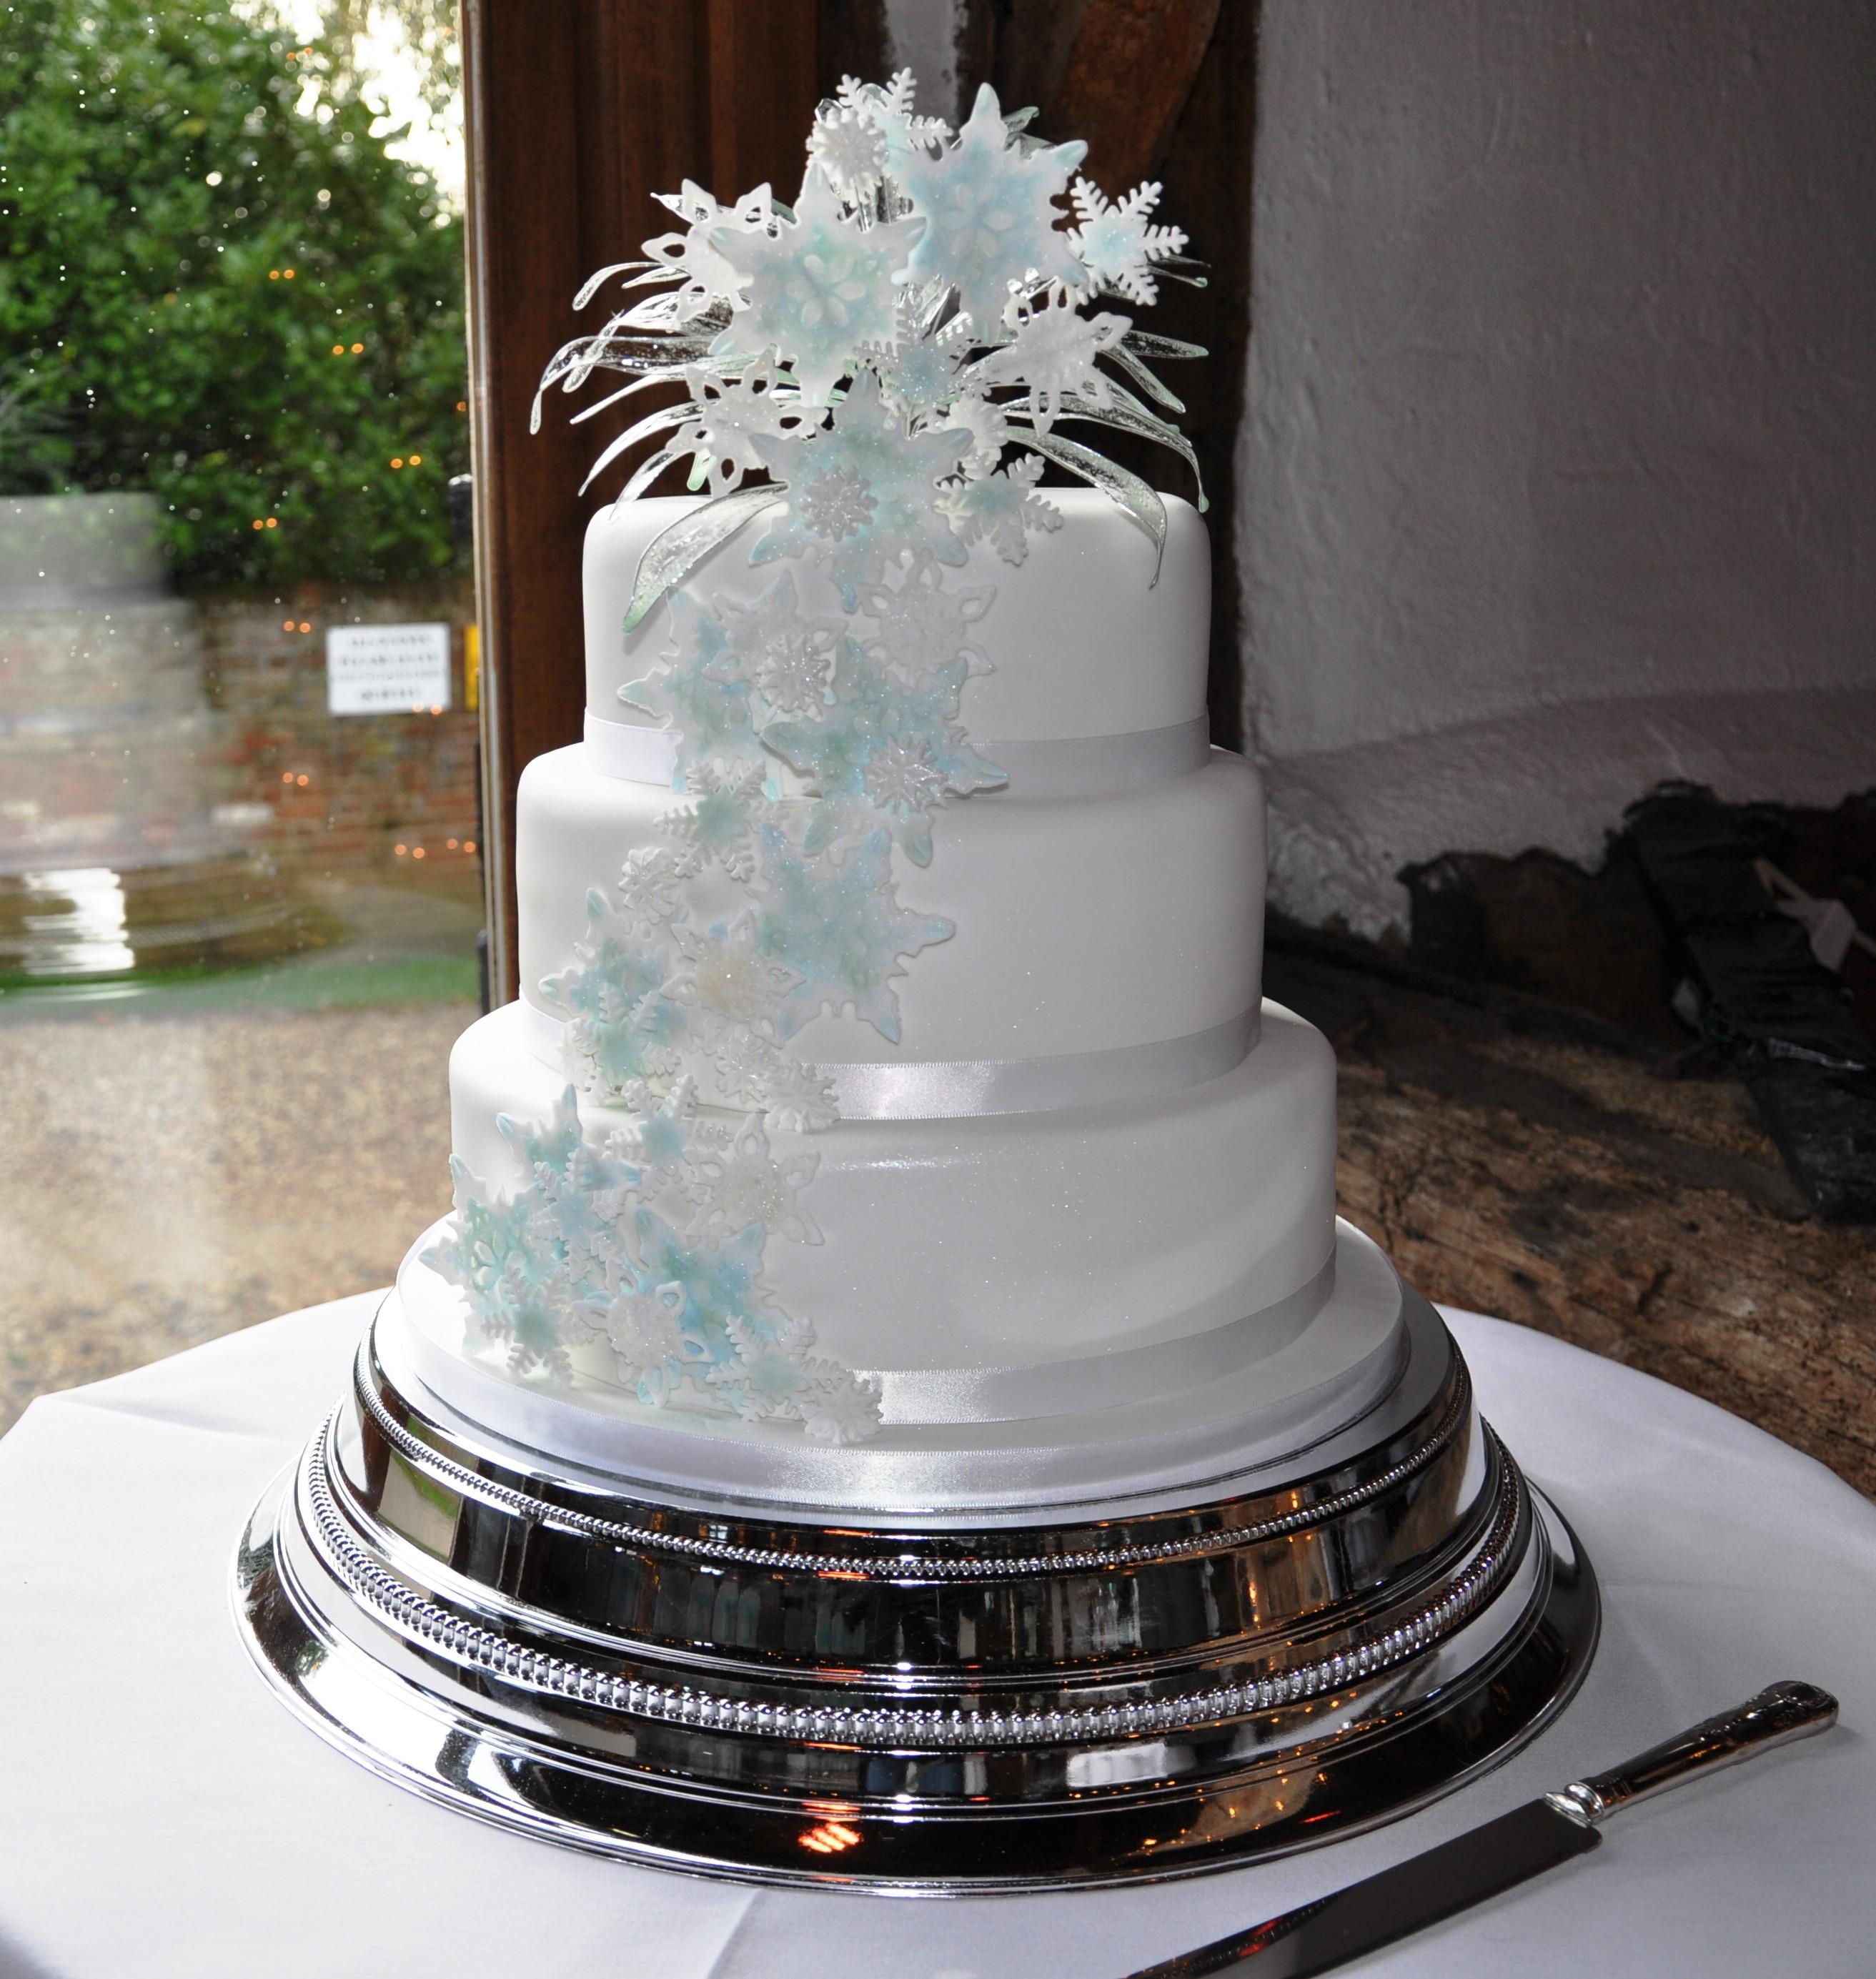 Snow Flake Wedding Cakes  Snowflake Wedding Cake Design Cakephoria